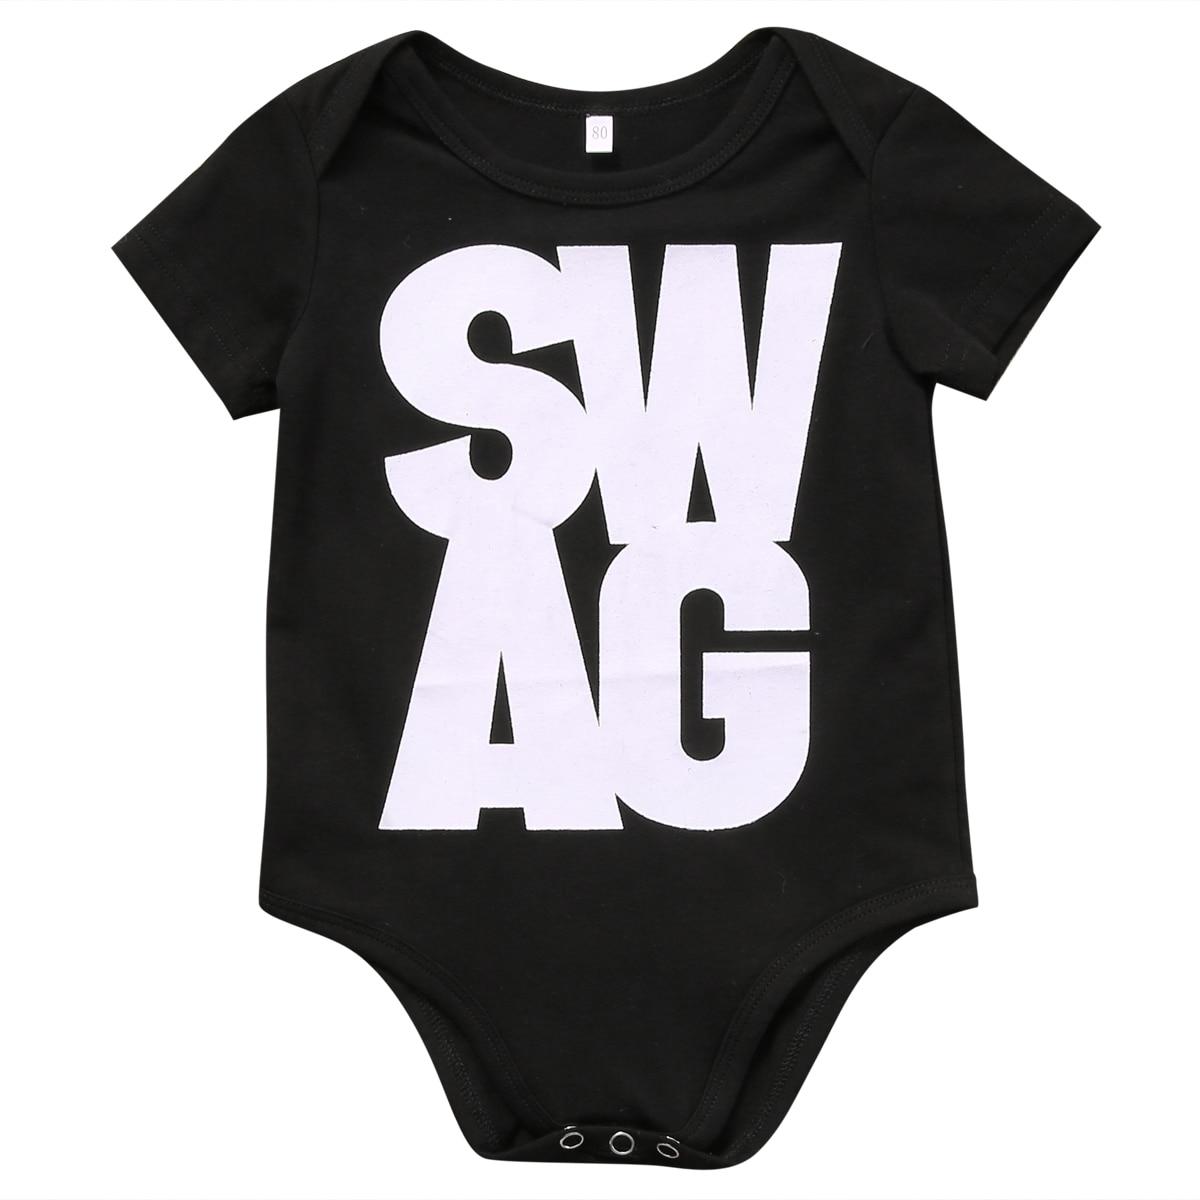 Nouveau-né Enfants Bébé Garçon Fille Manches Courtes Lettre Noir Body  Combinaison Sunsuit Outfit Vêtements c27ac592e9d